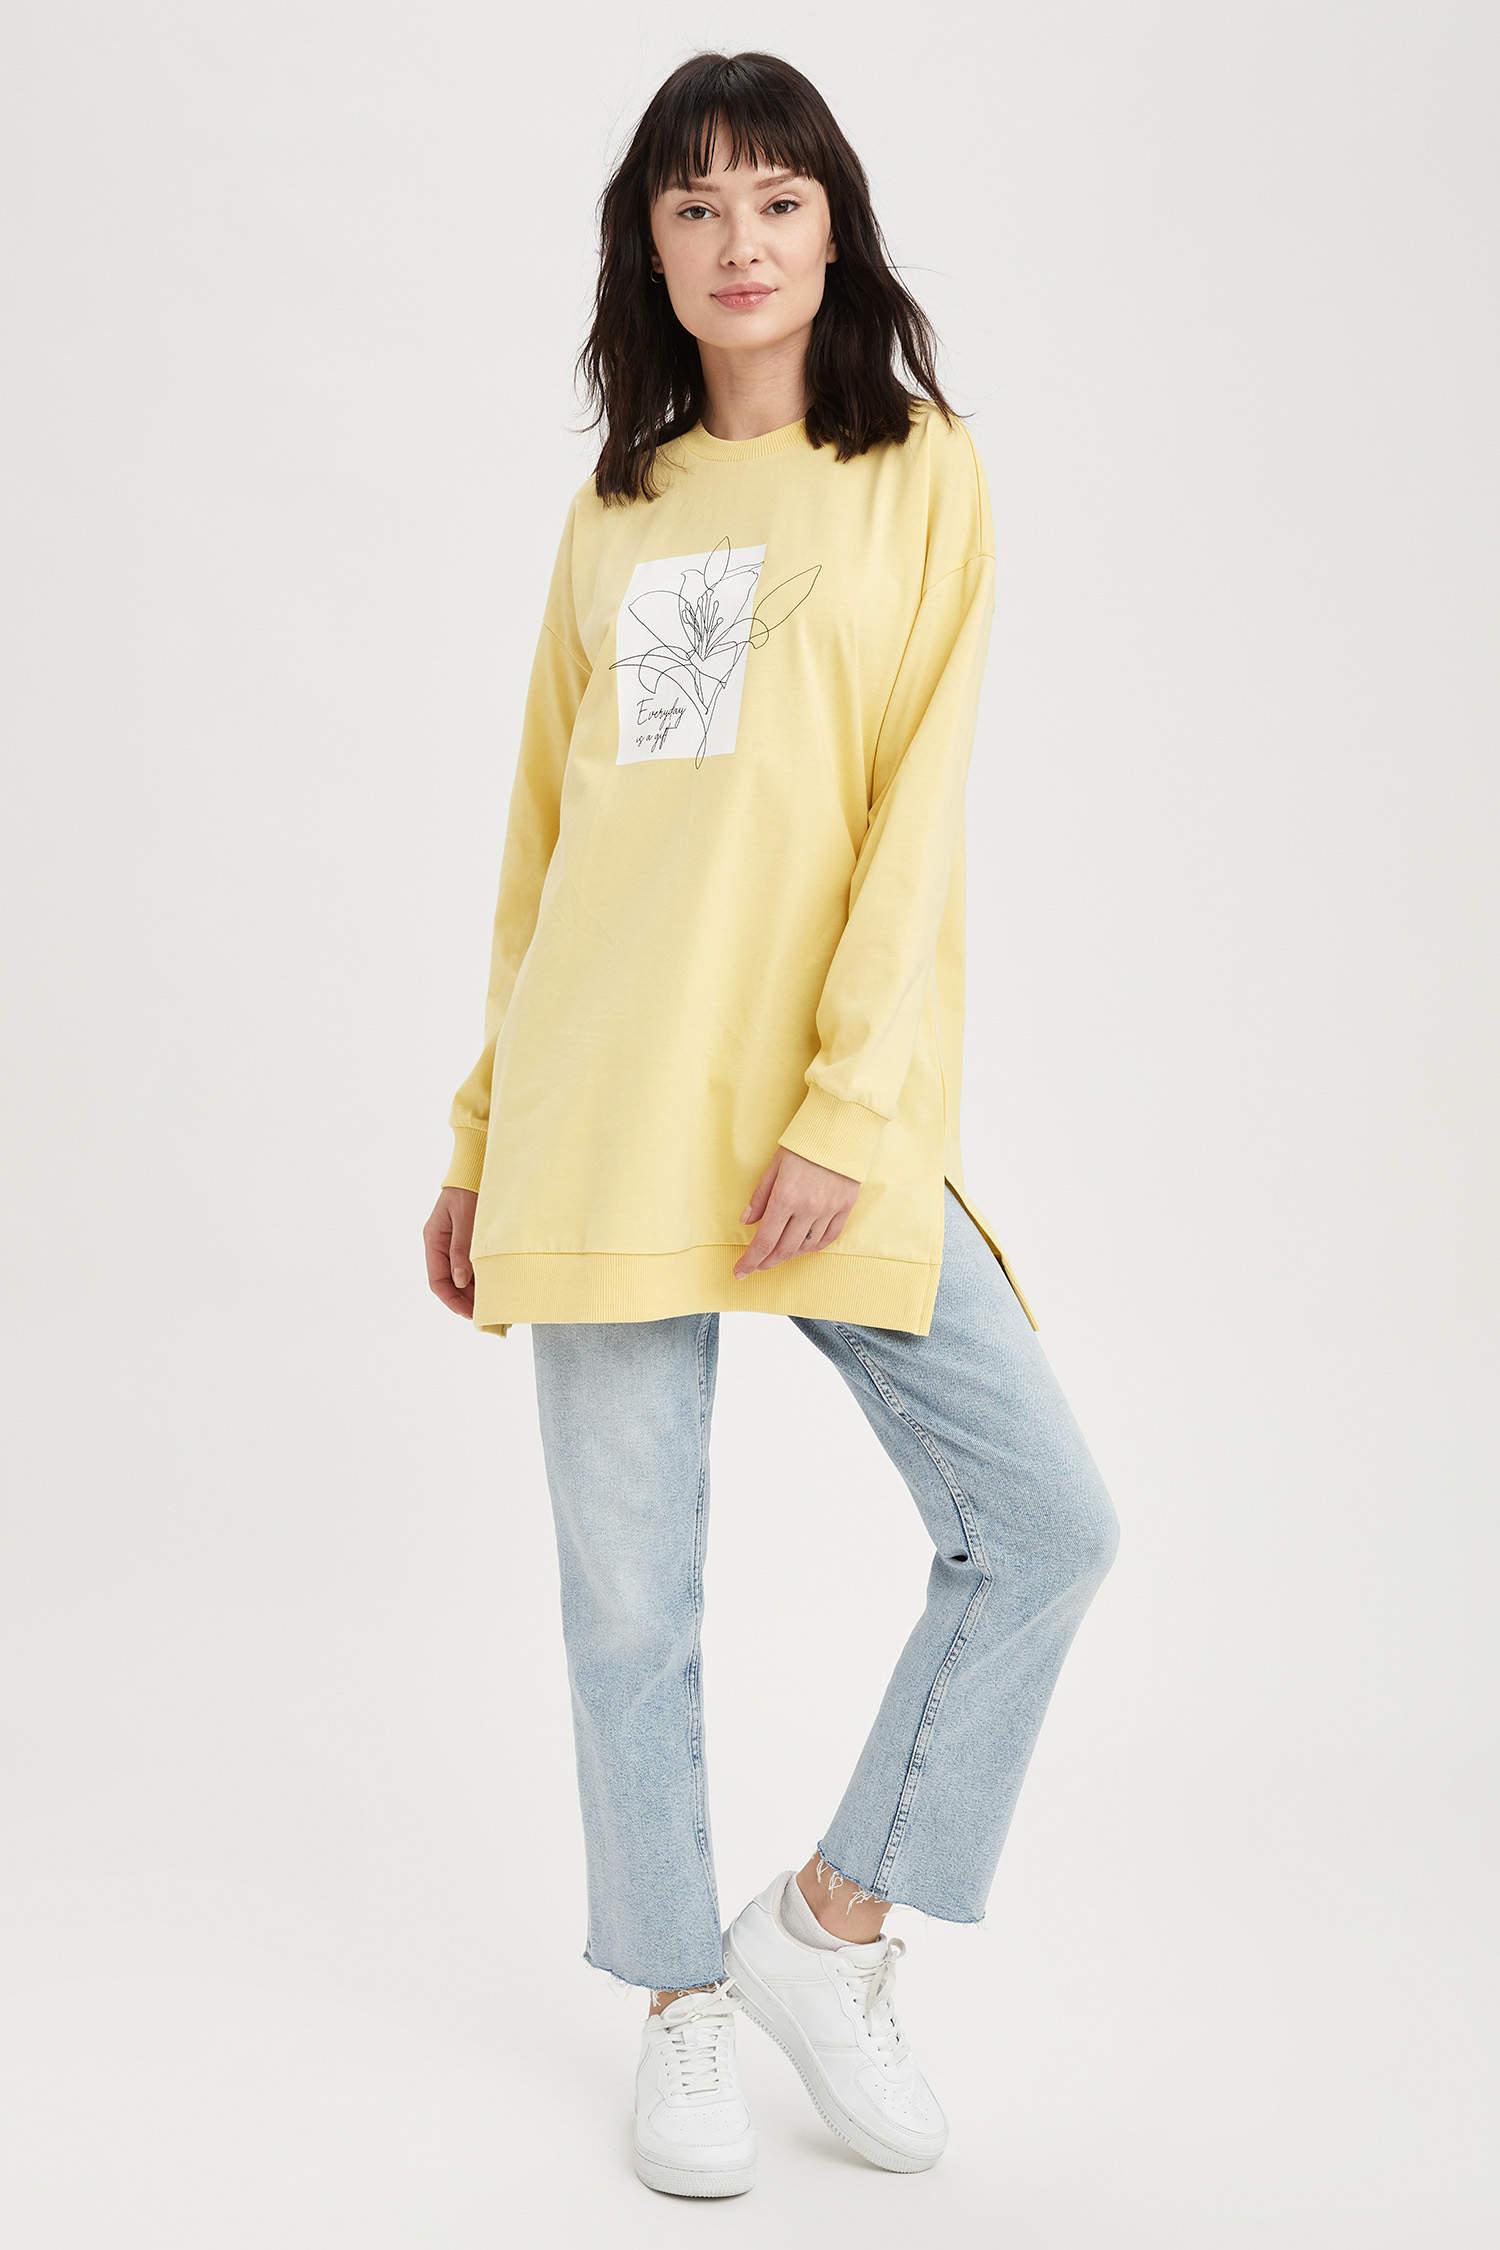 Туника DeFacto, Color: Yellow, Size: XL, 6 image